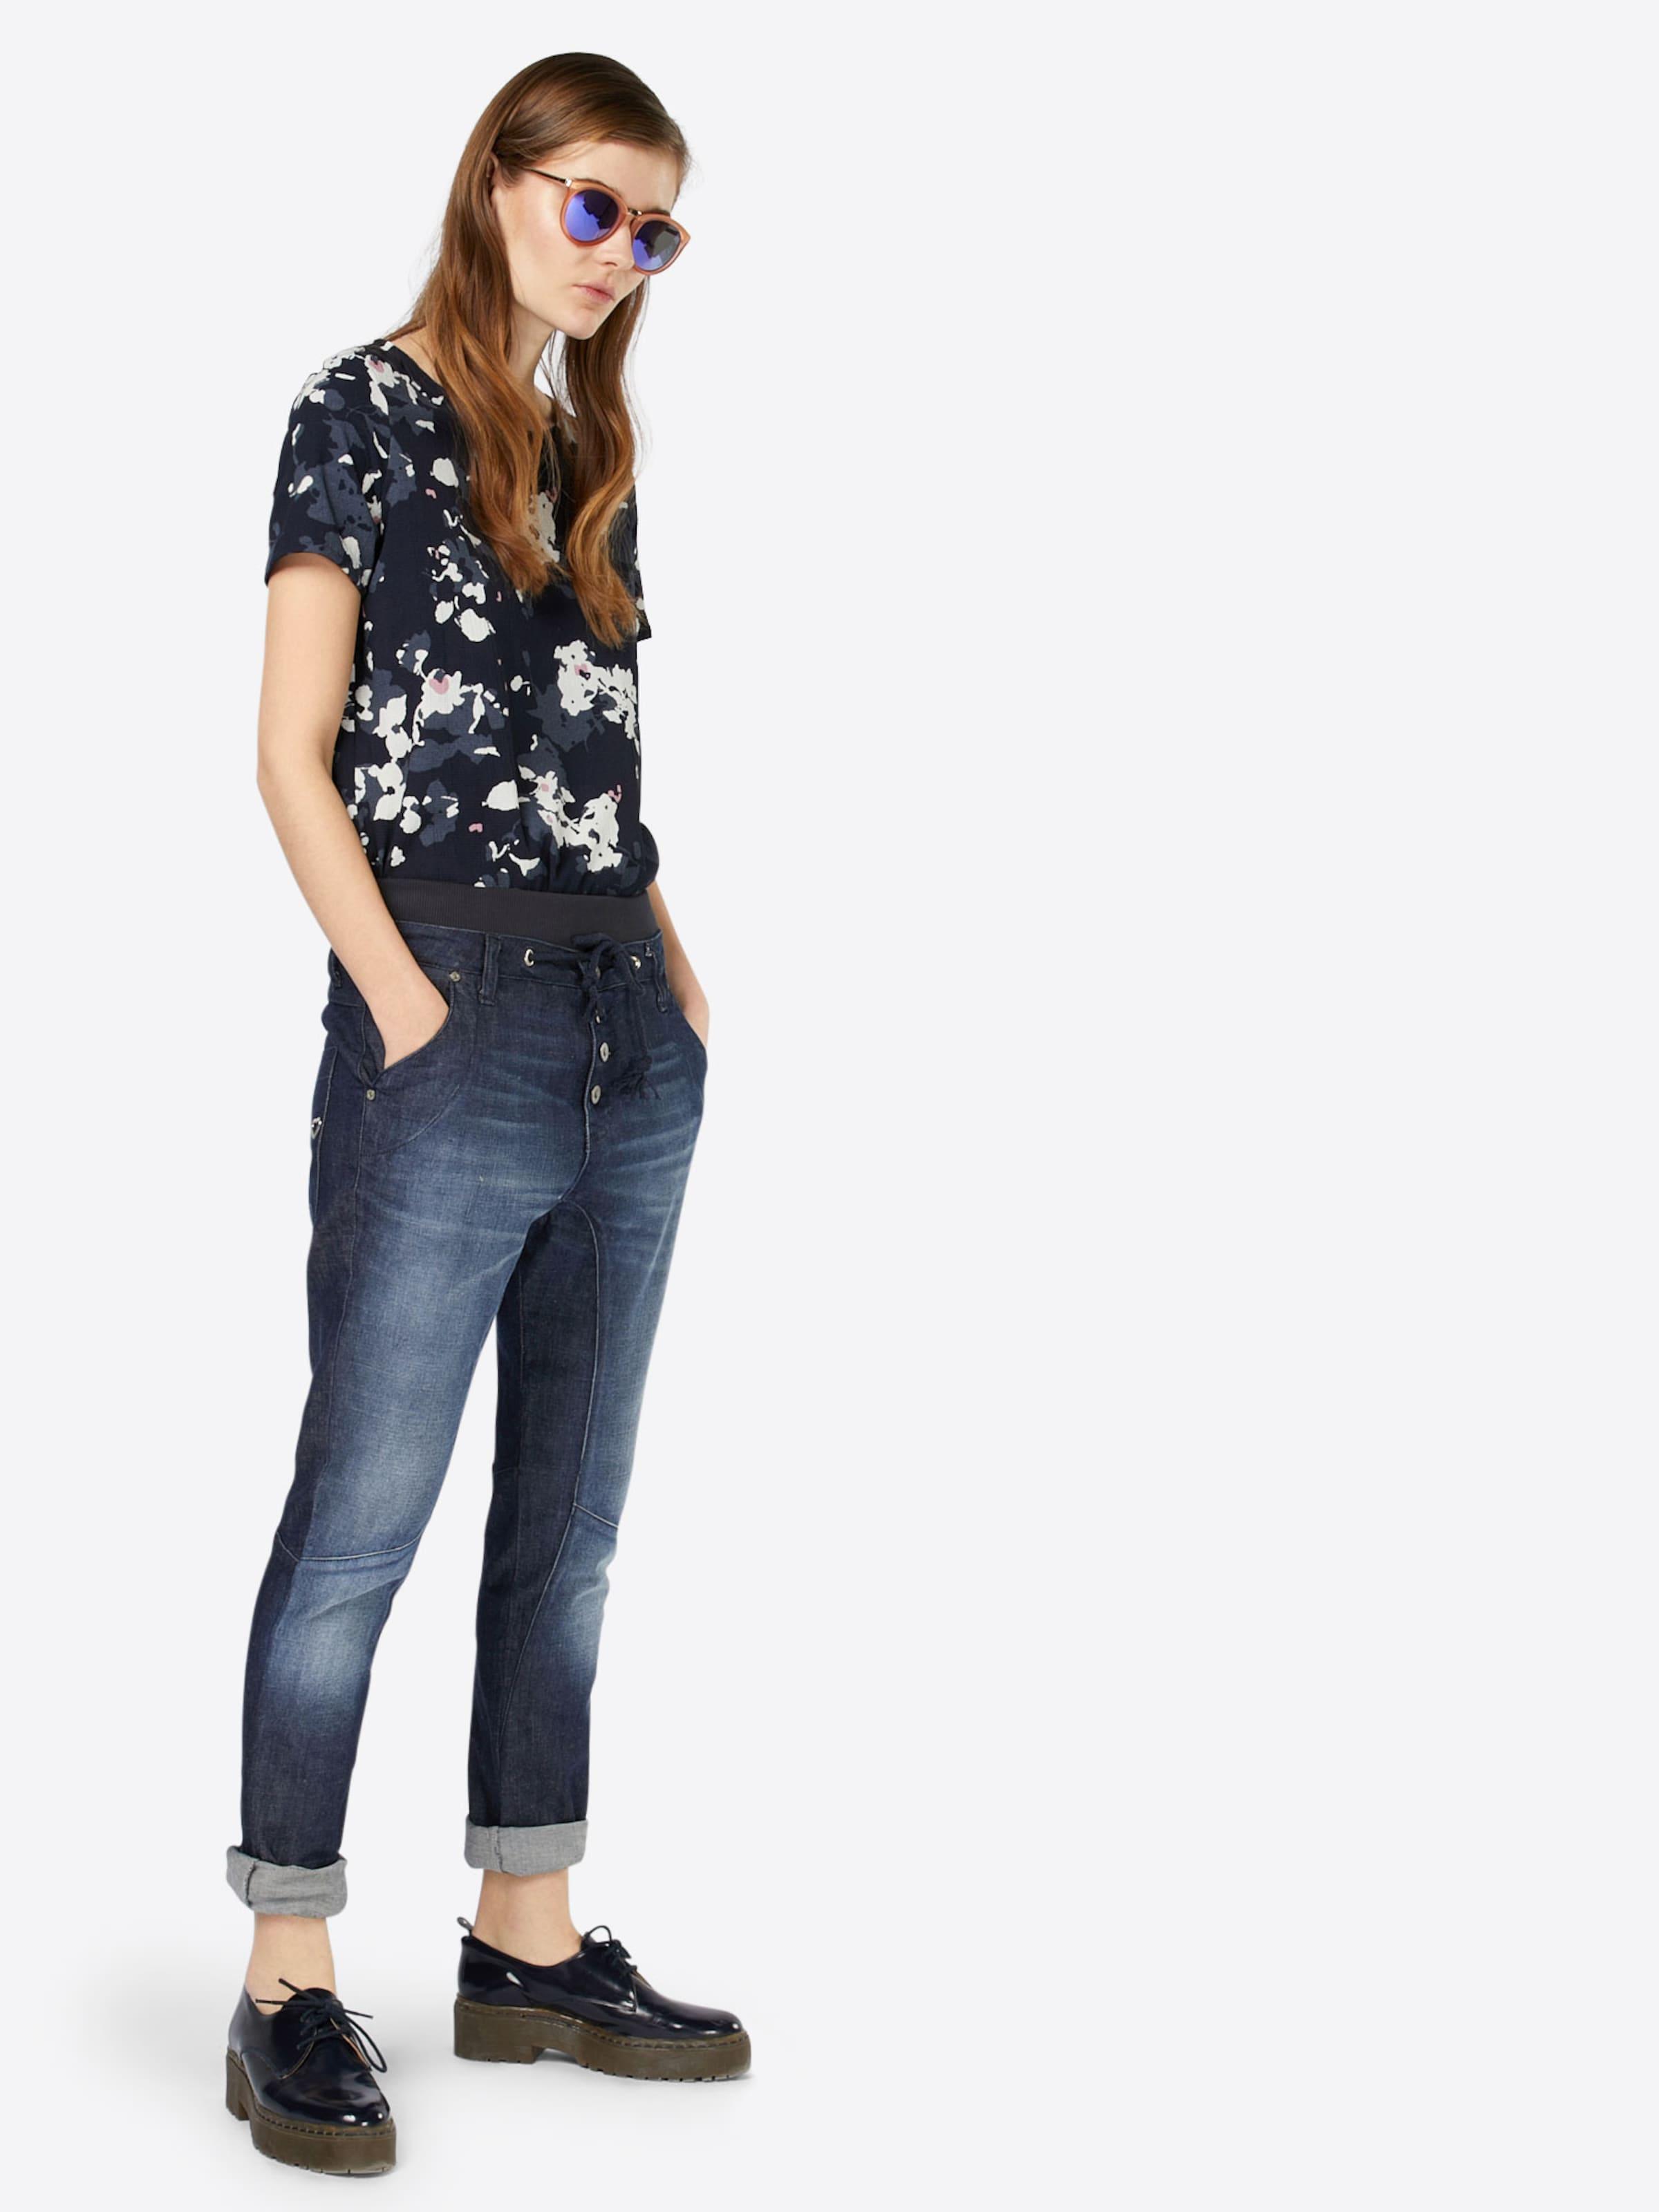 PLEASE Jenas 'trousers' Die Günstigste Online Spielraum Exklusiv Günstig Kaufen Manchester Großen Verkauf kCdCf9e